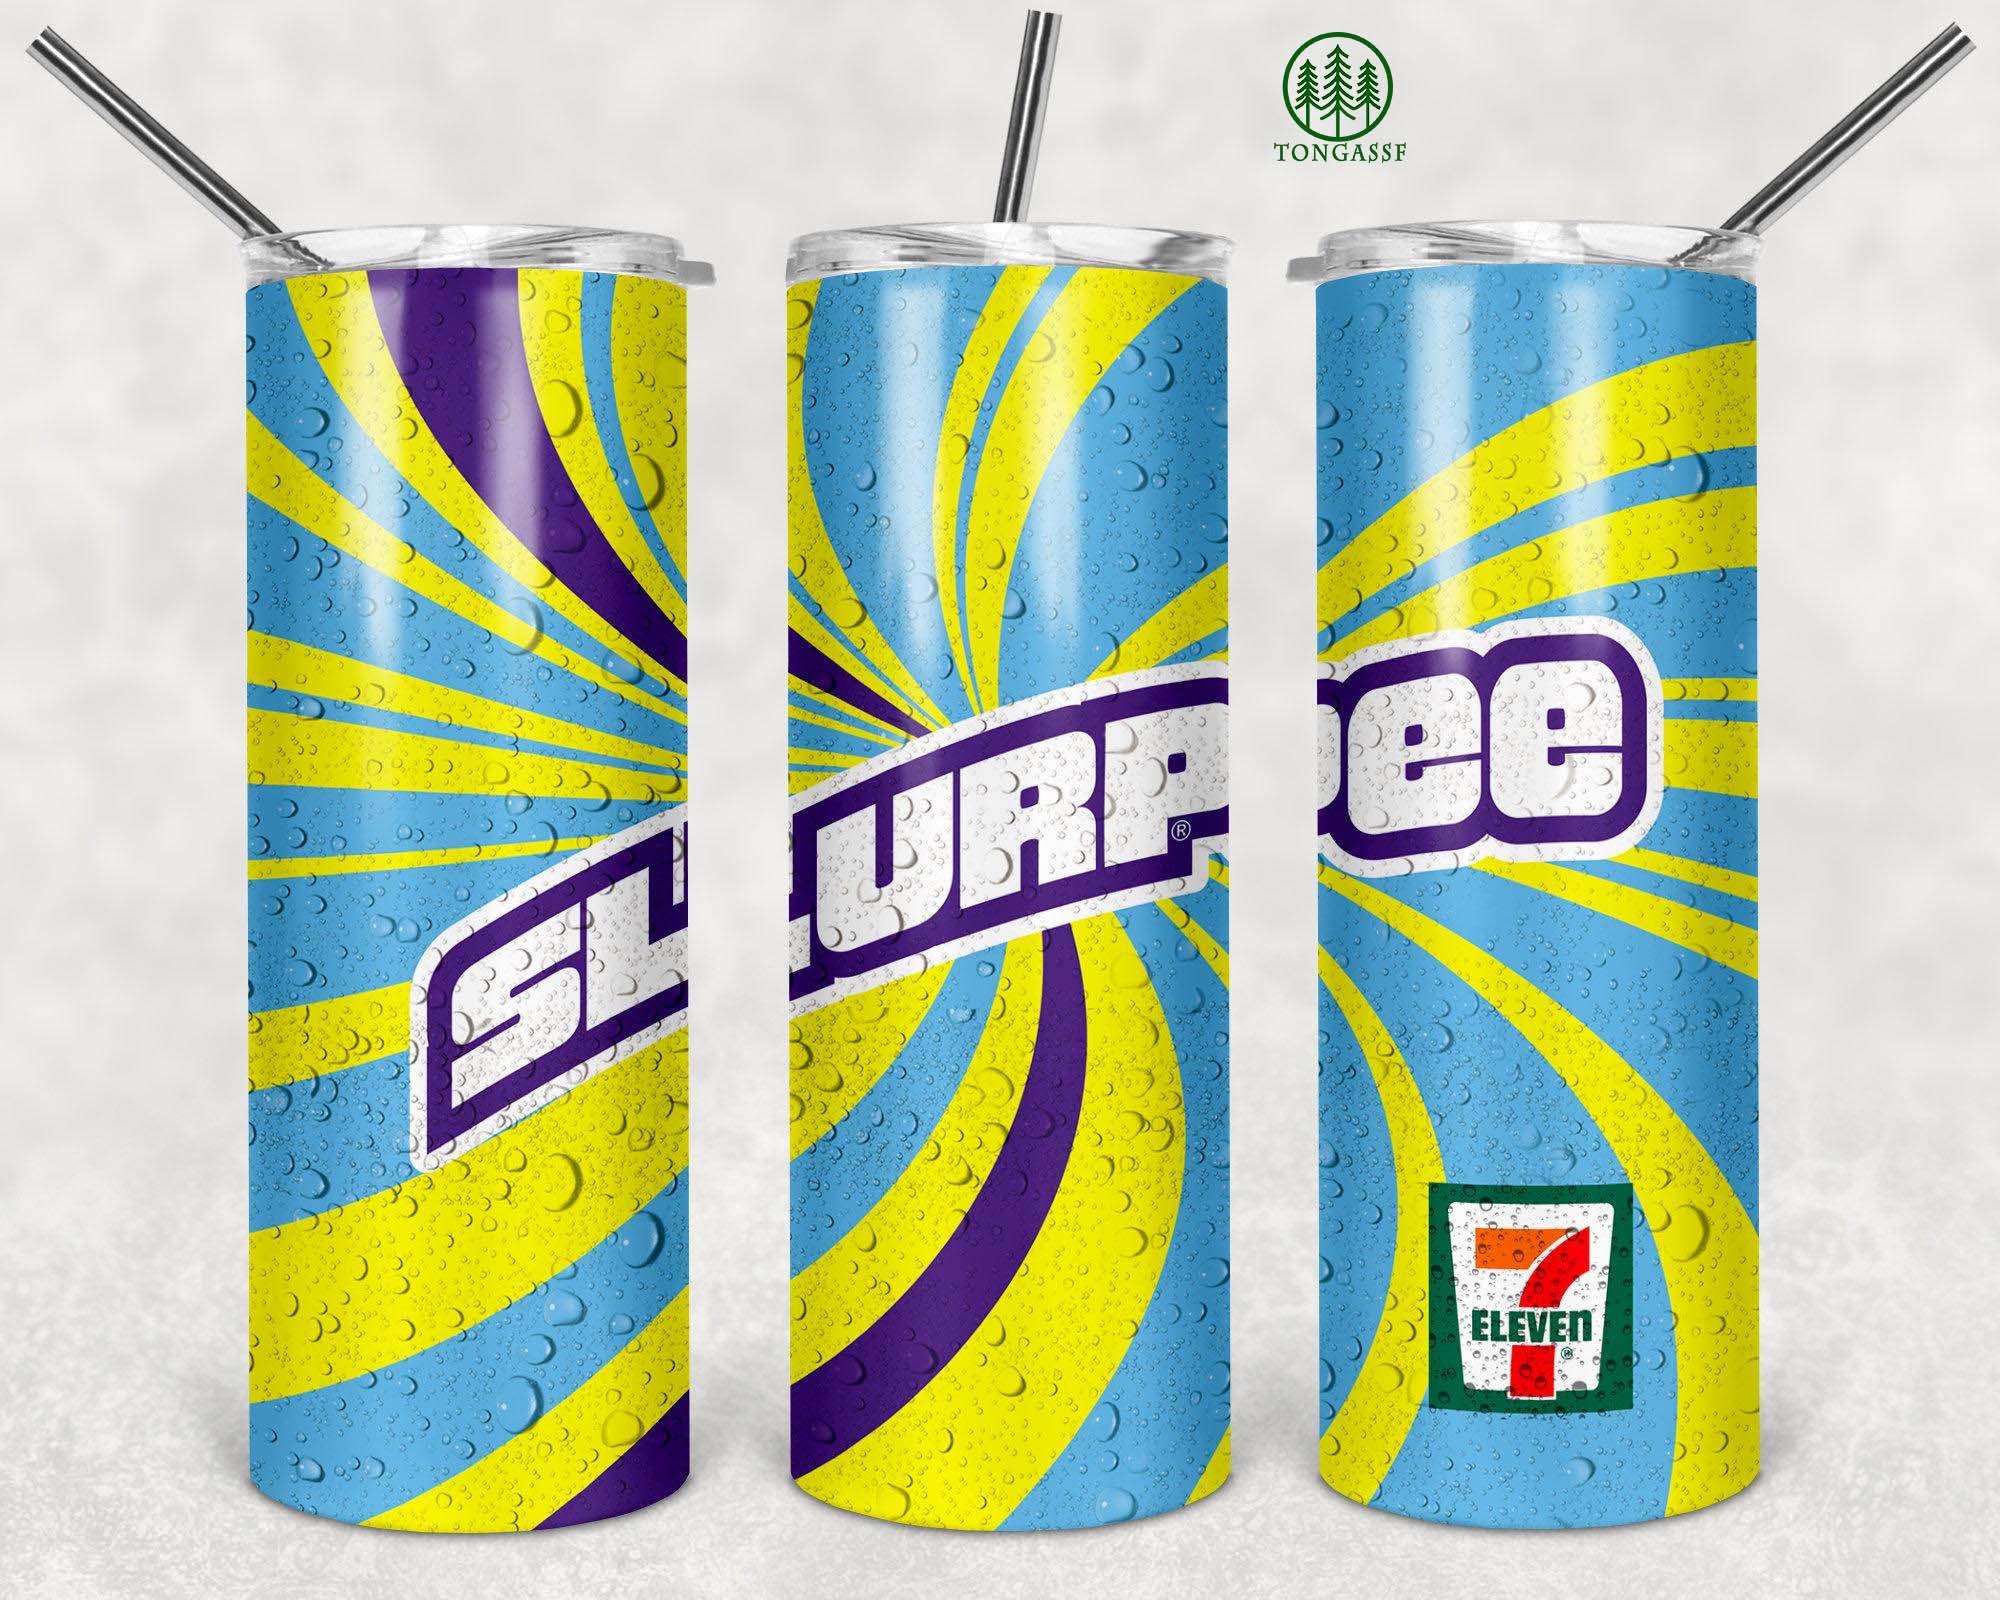 Slurpee 7 Eleven Skinny Tumbler